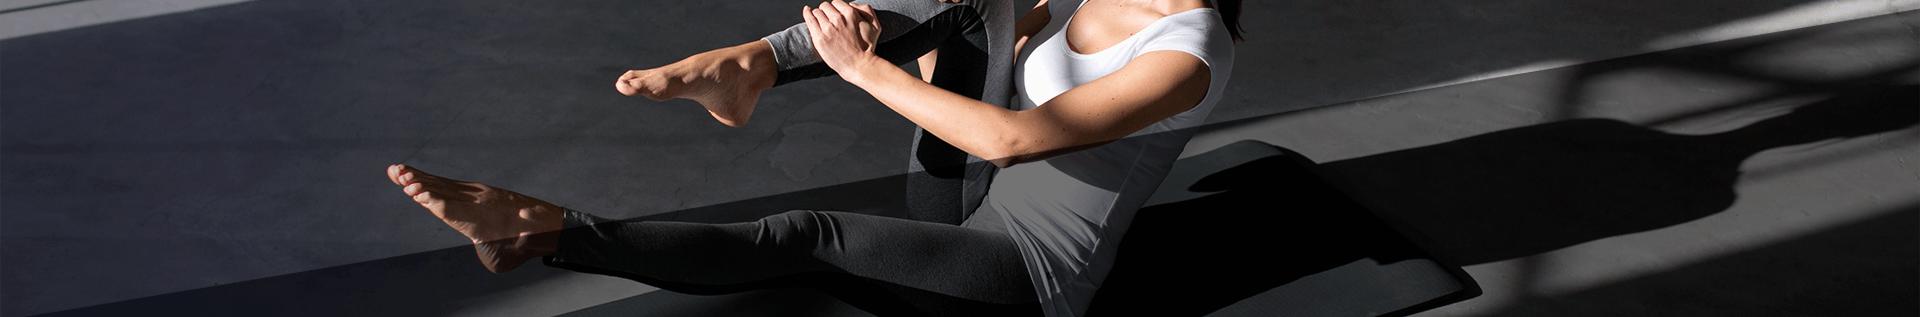 Спорядження для йоги